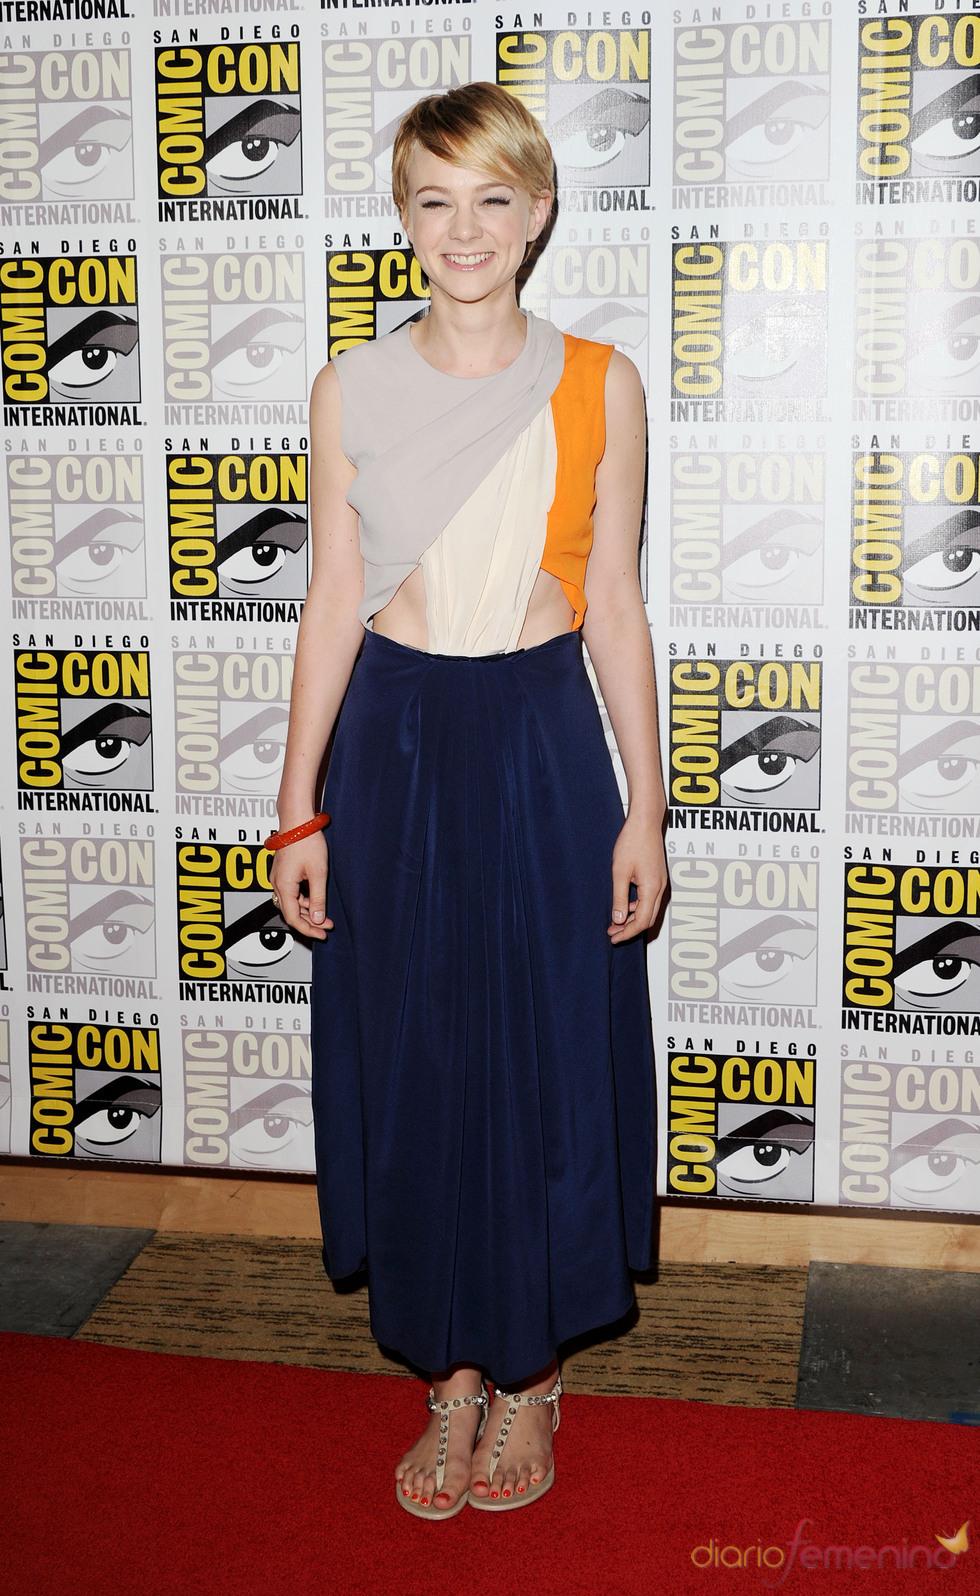 Carey Mulligan en el Comic Con 2011